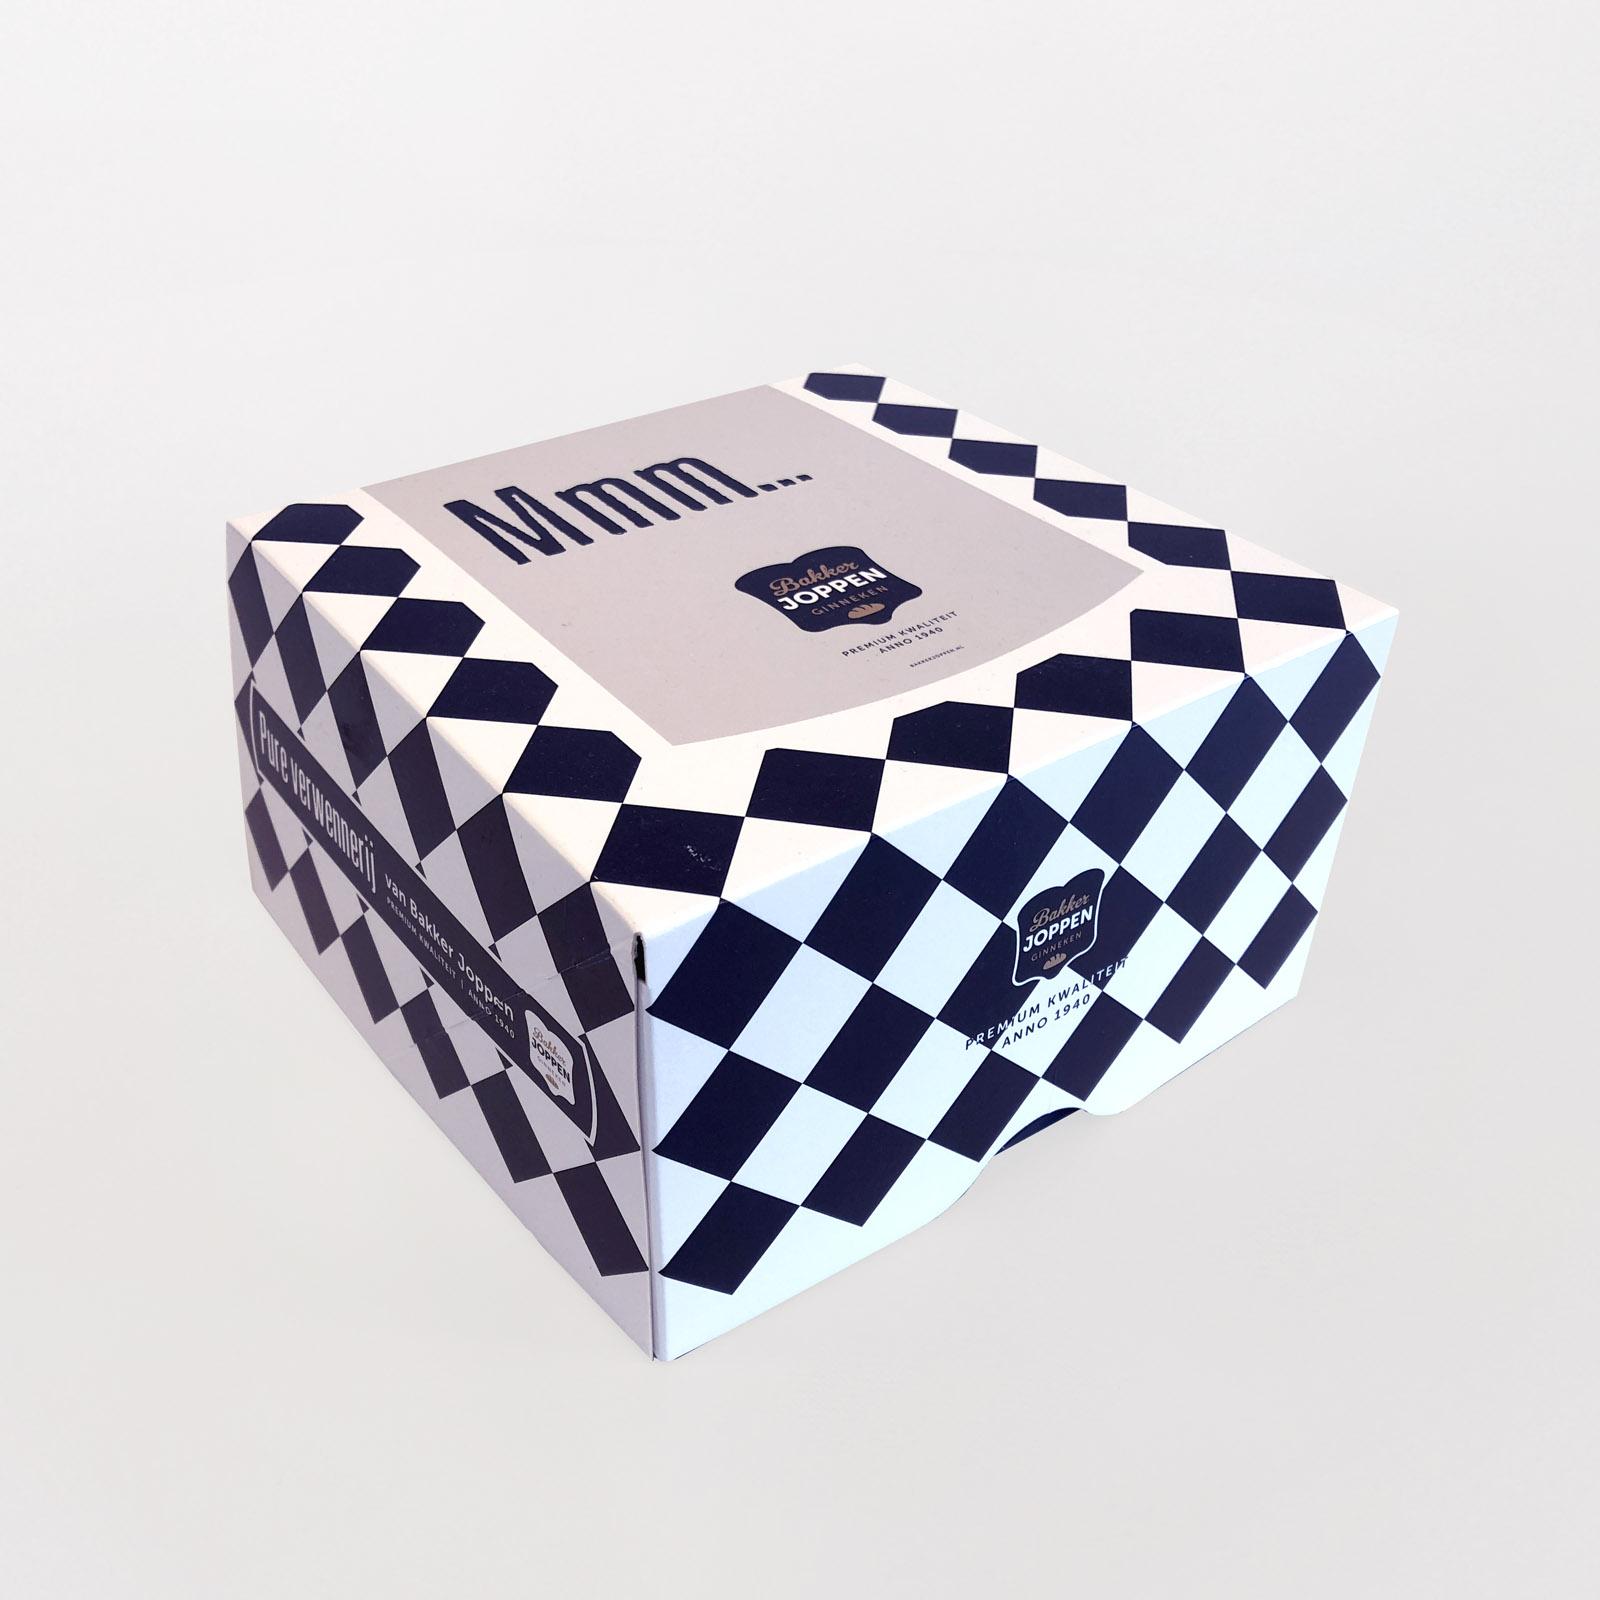 Verpakking ontwerp Utrecht